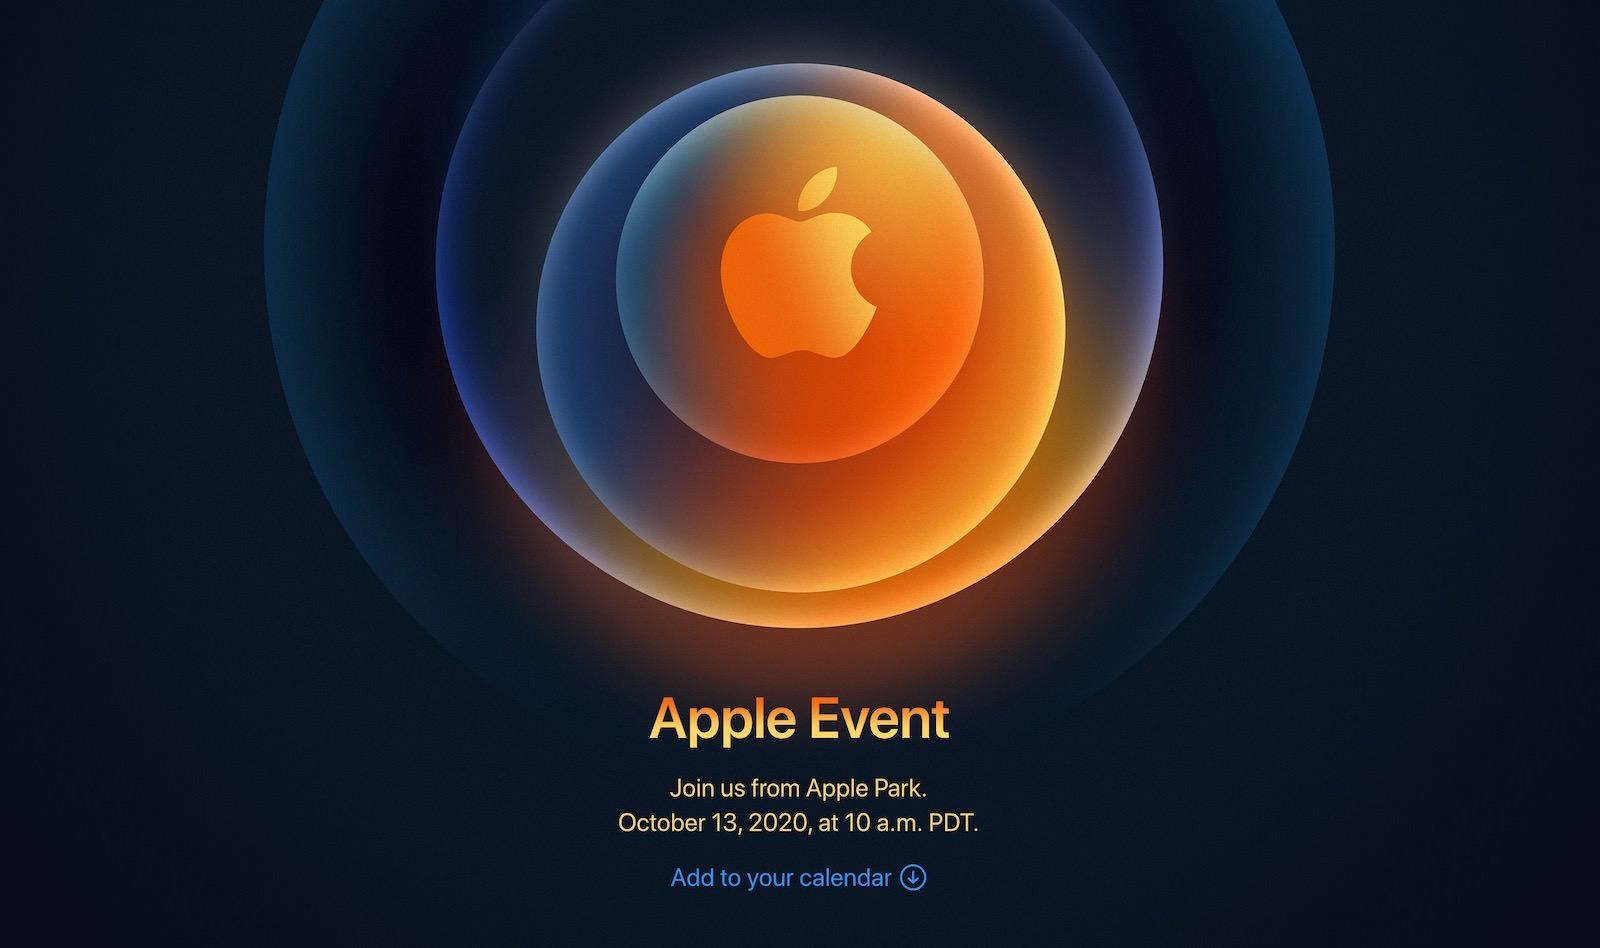 Iphone 12 event oct13